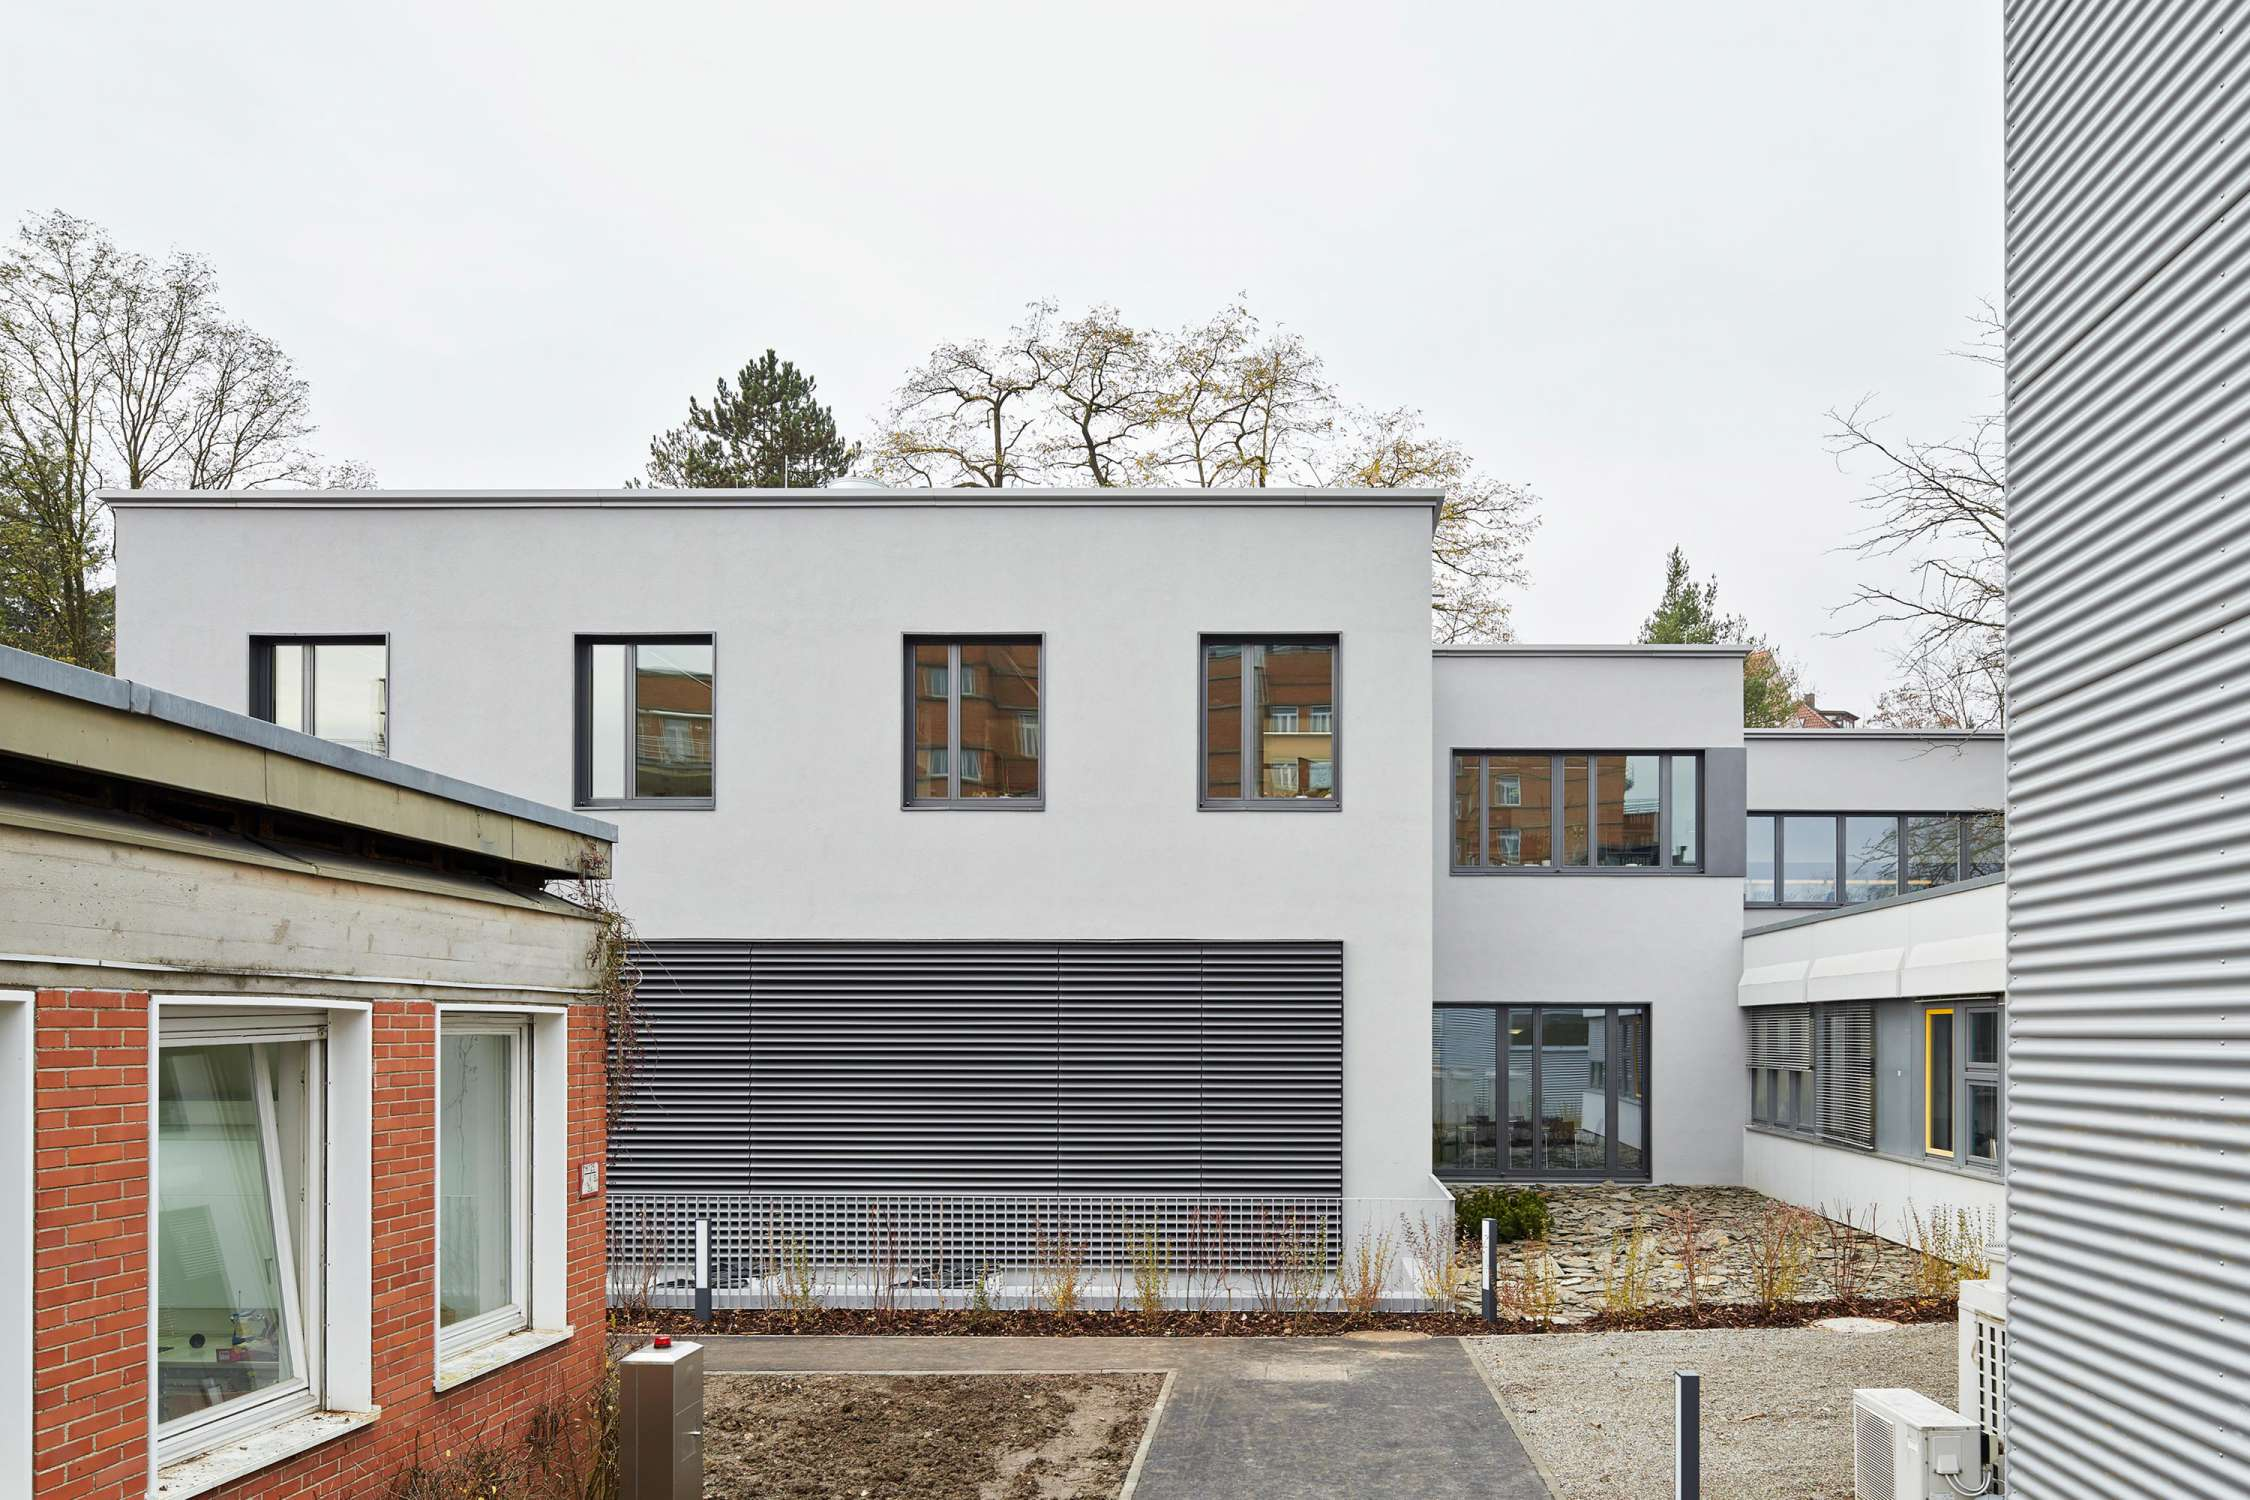 Laborgebäude für präklinische Bildgebung der Werner Siemens-Stiftung (15)